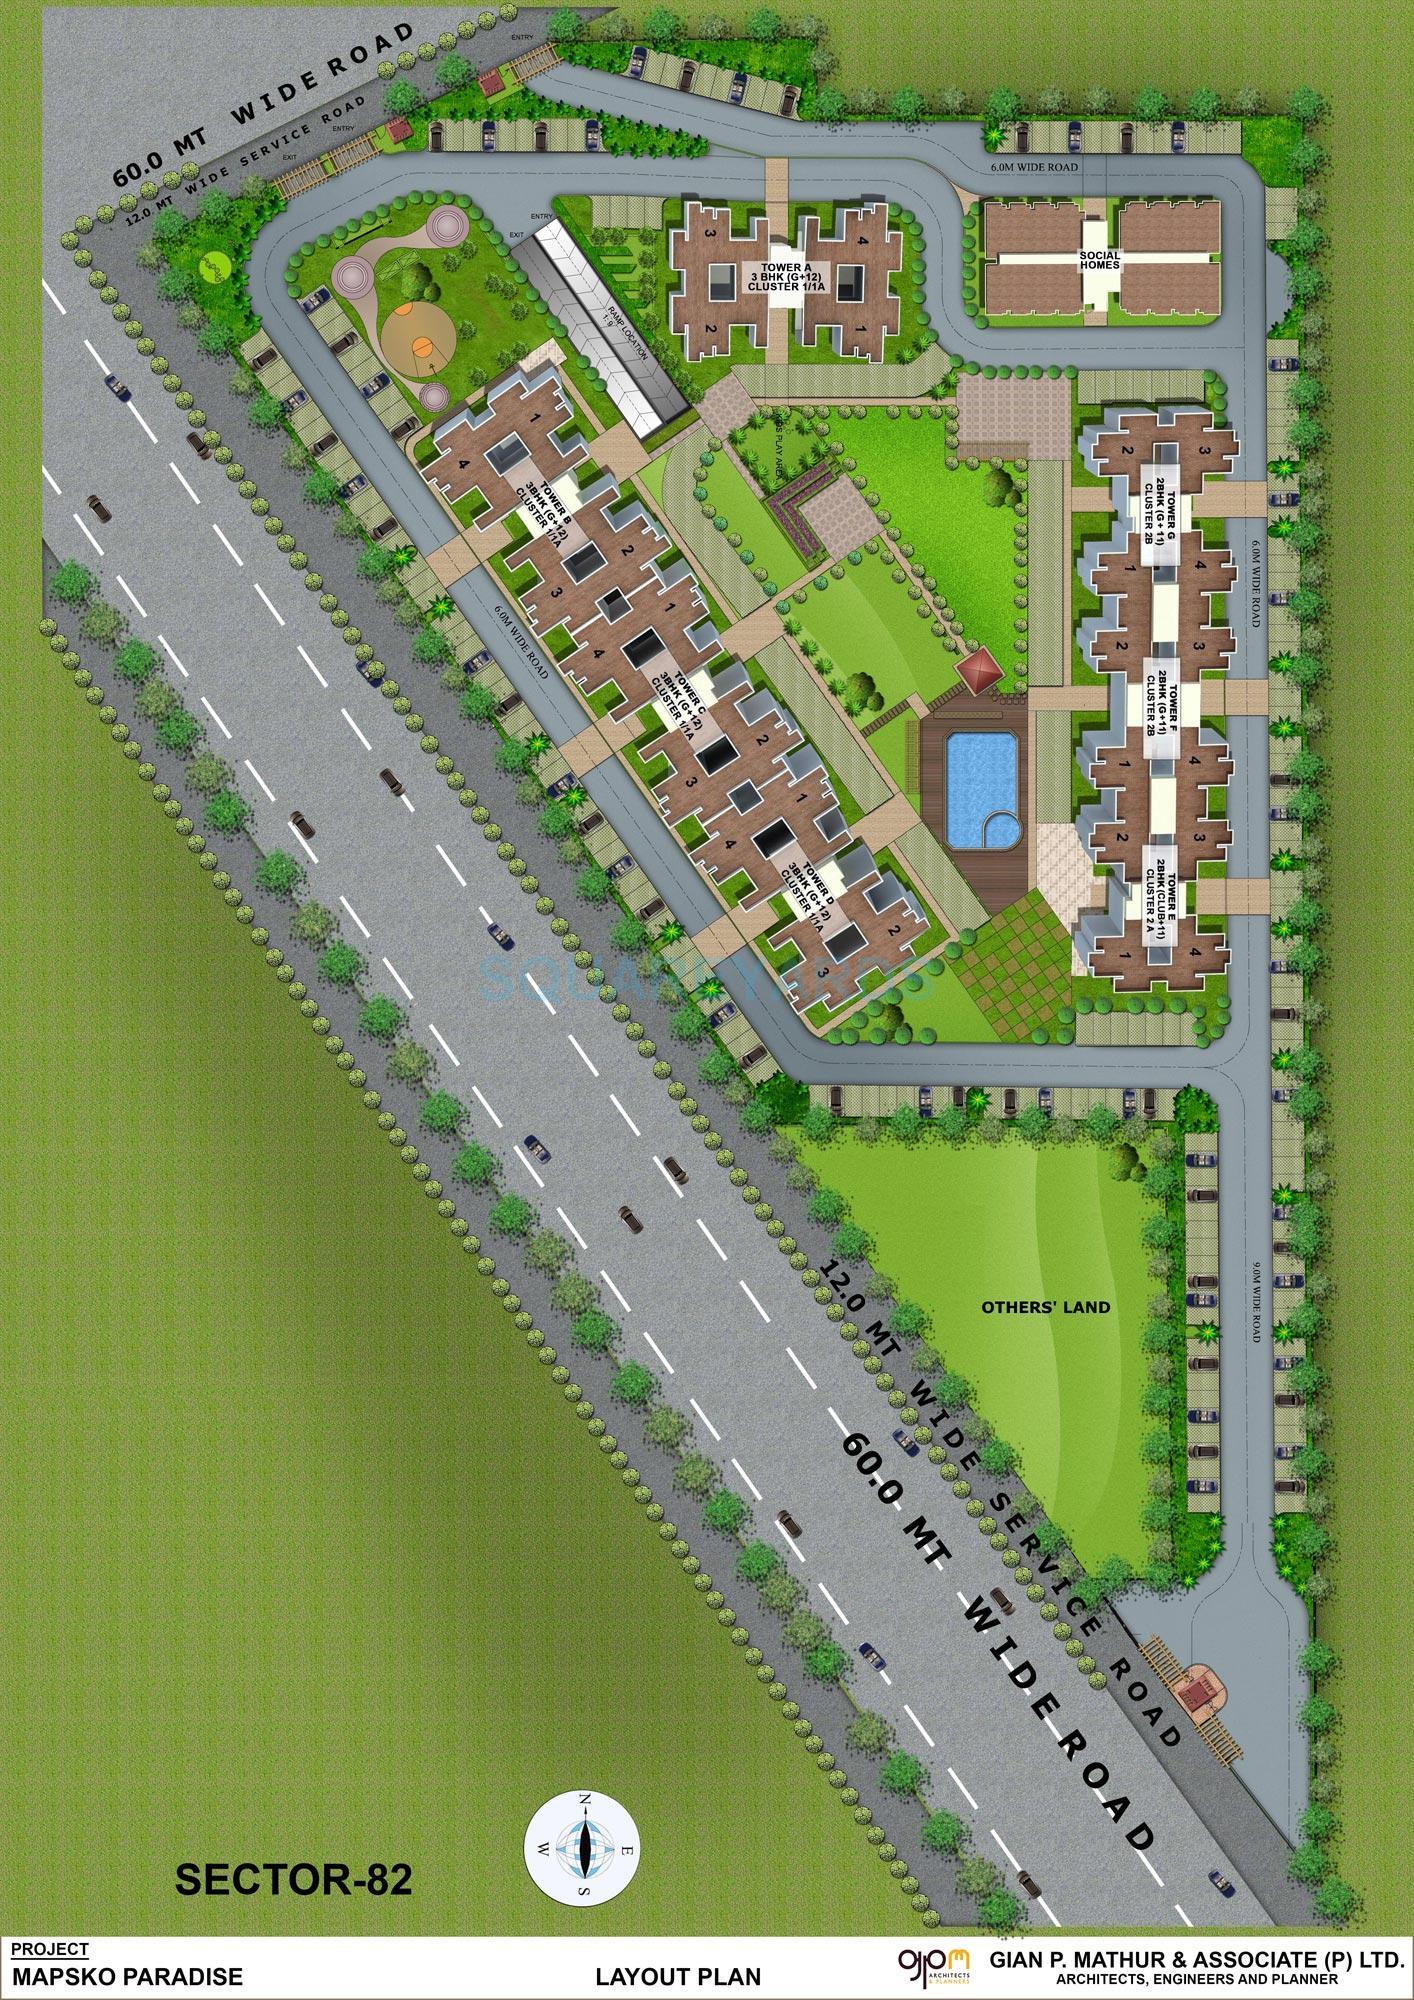 mapsko paradise master plan image1